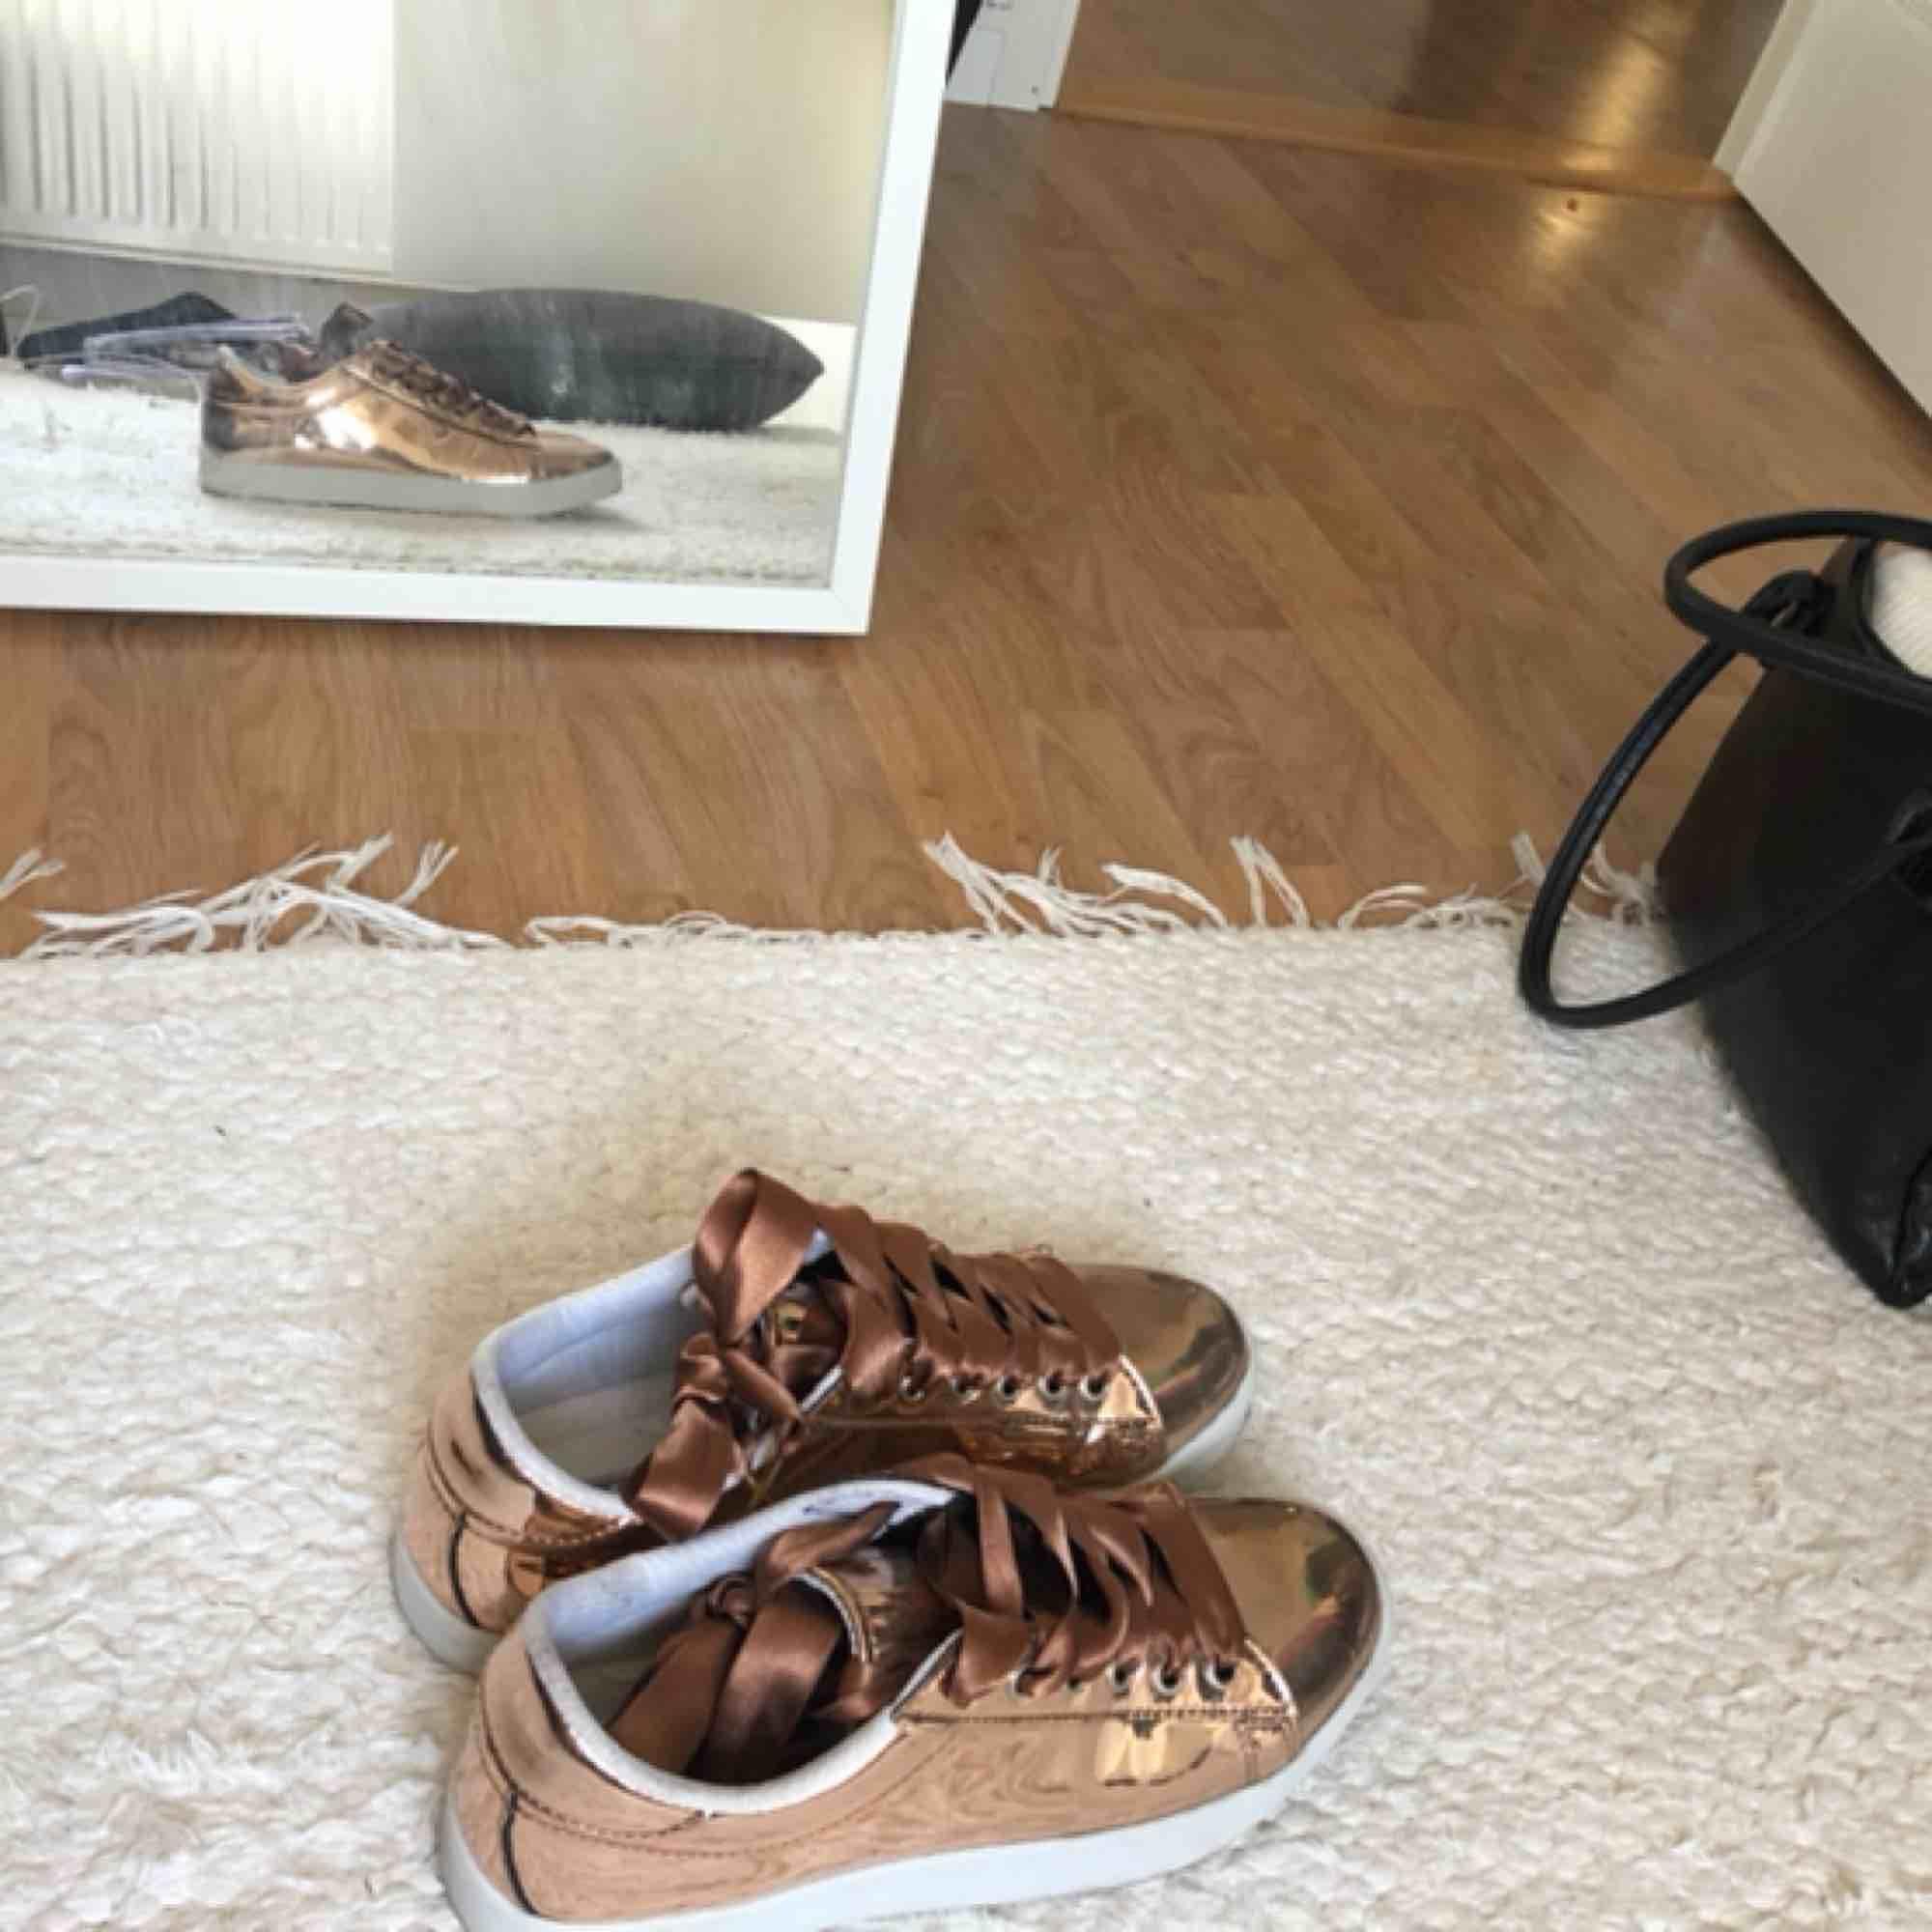 De perfekta uteskorna eller unika vardagssneakers i strl. 38. I glansigt brunt material som reflekterar solljus med bruna silkessnören. Använt endast en gång 😊. Skor.